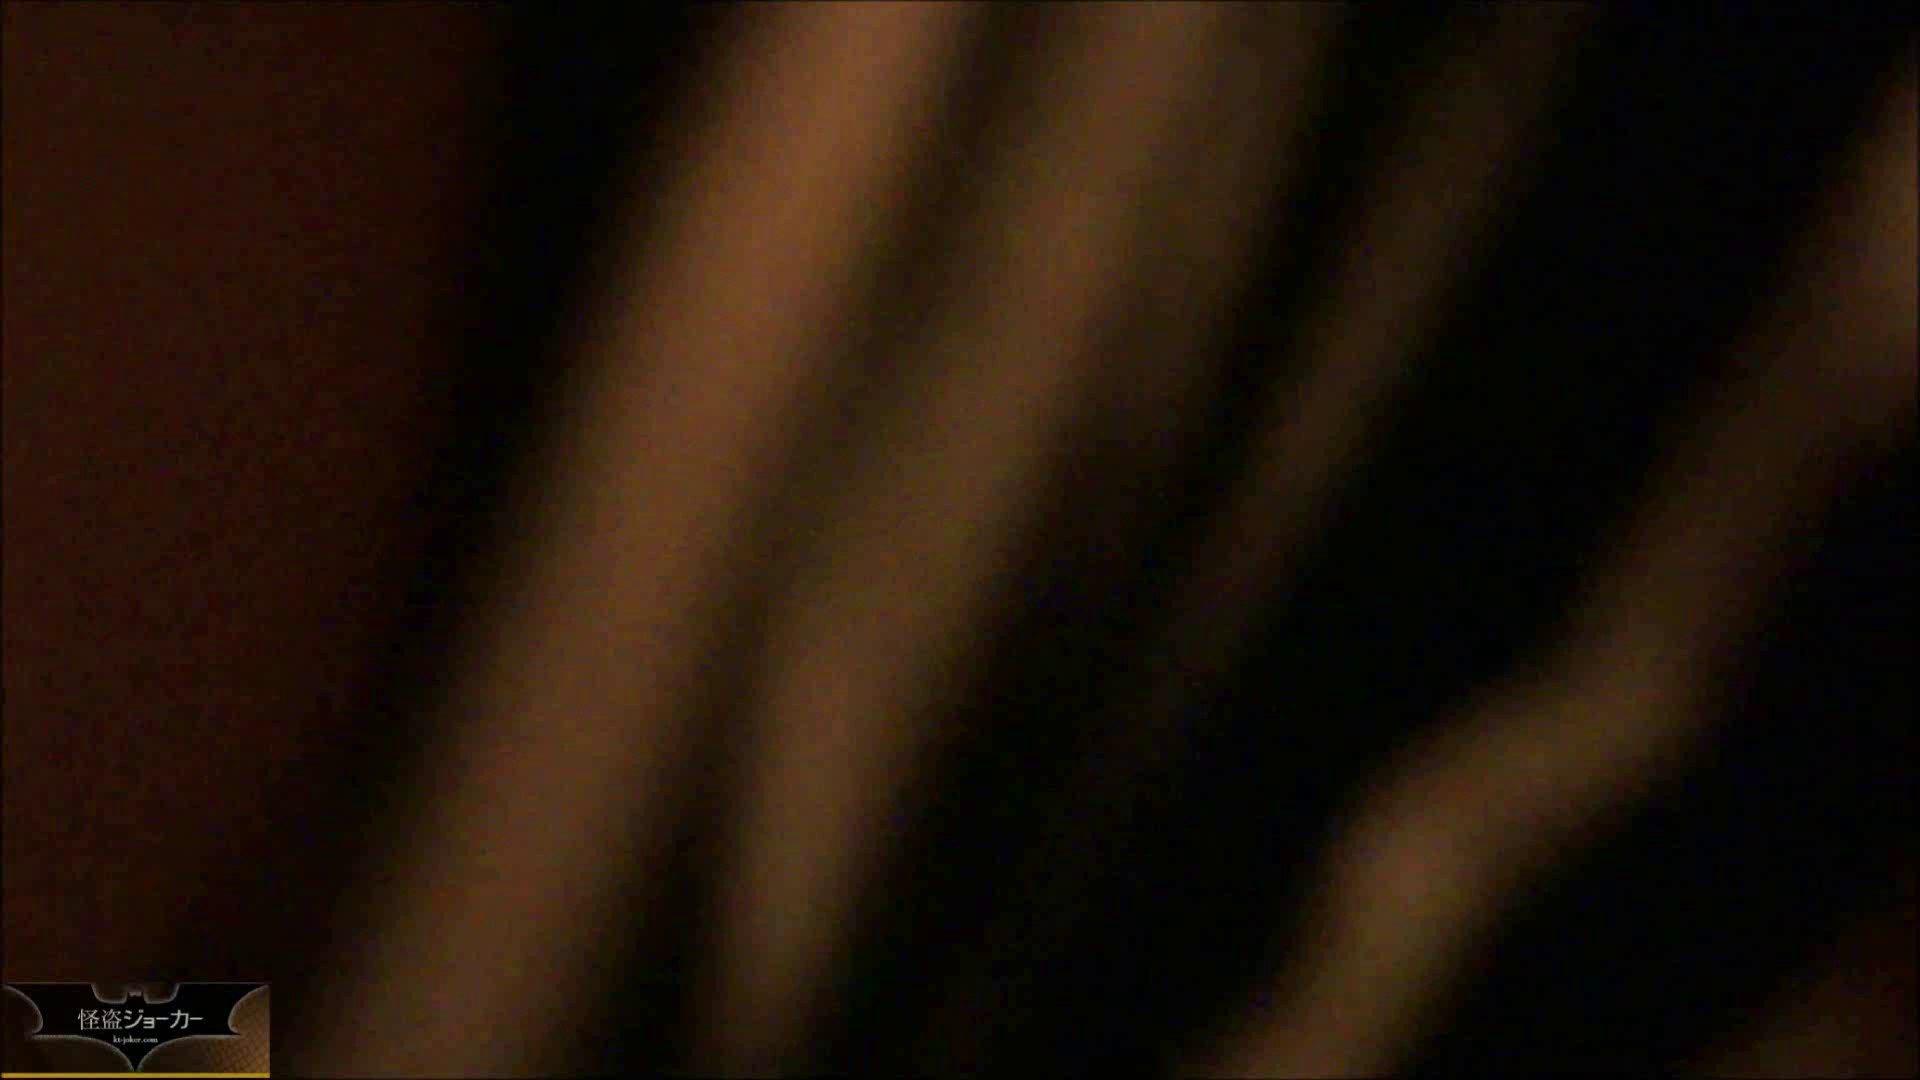 vol.4【白衣の天使23歳】☆のりこちゃん☆ホテルお持ち帰り。朦朧のまま感じて ナースの実態  59pic 42